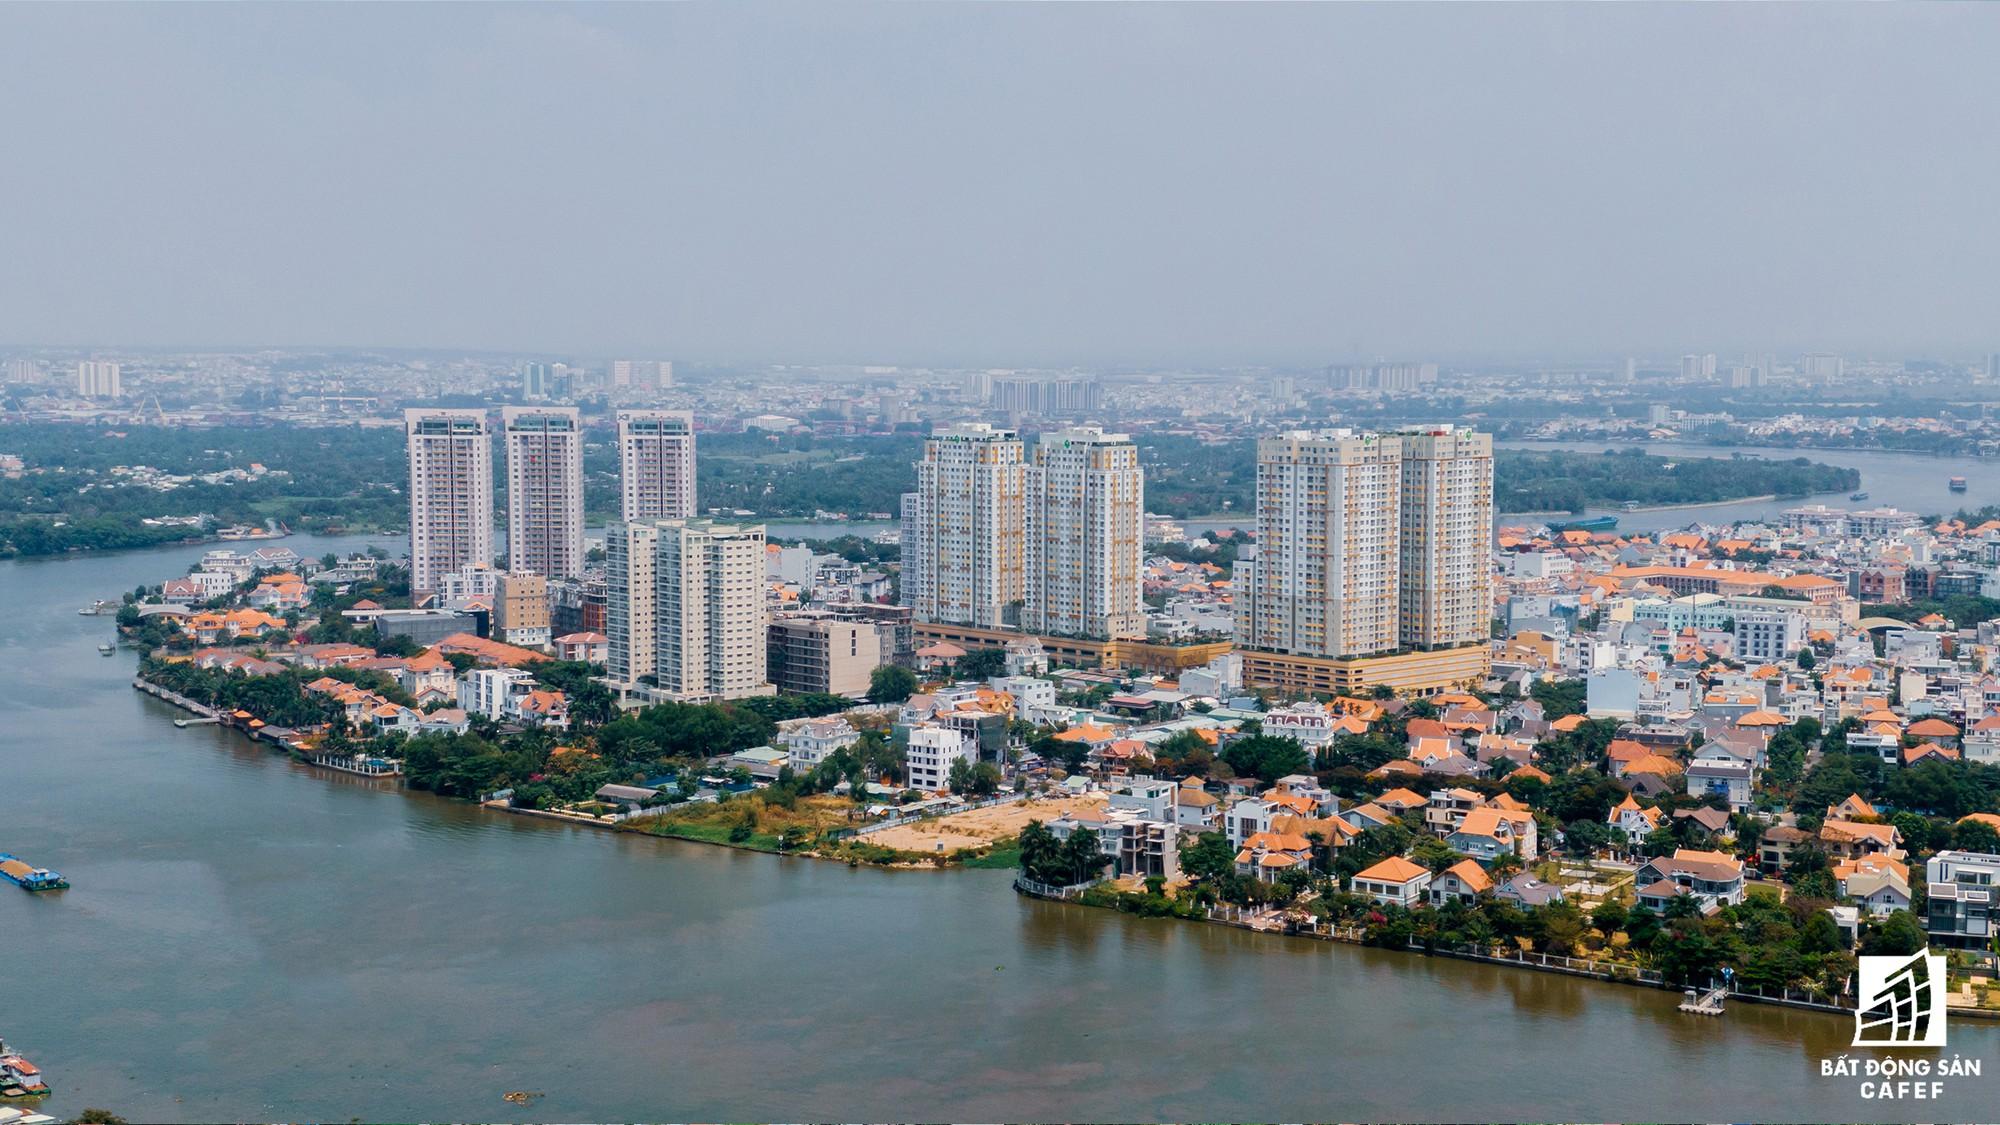 Nhà giàu cũng khóc trong những khu biệt thự sang chảnh bậc nhất Sài Gòn-13